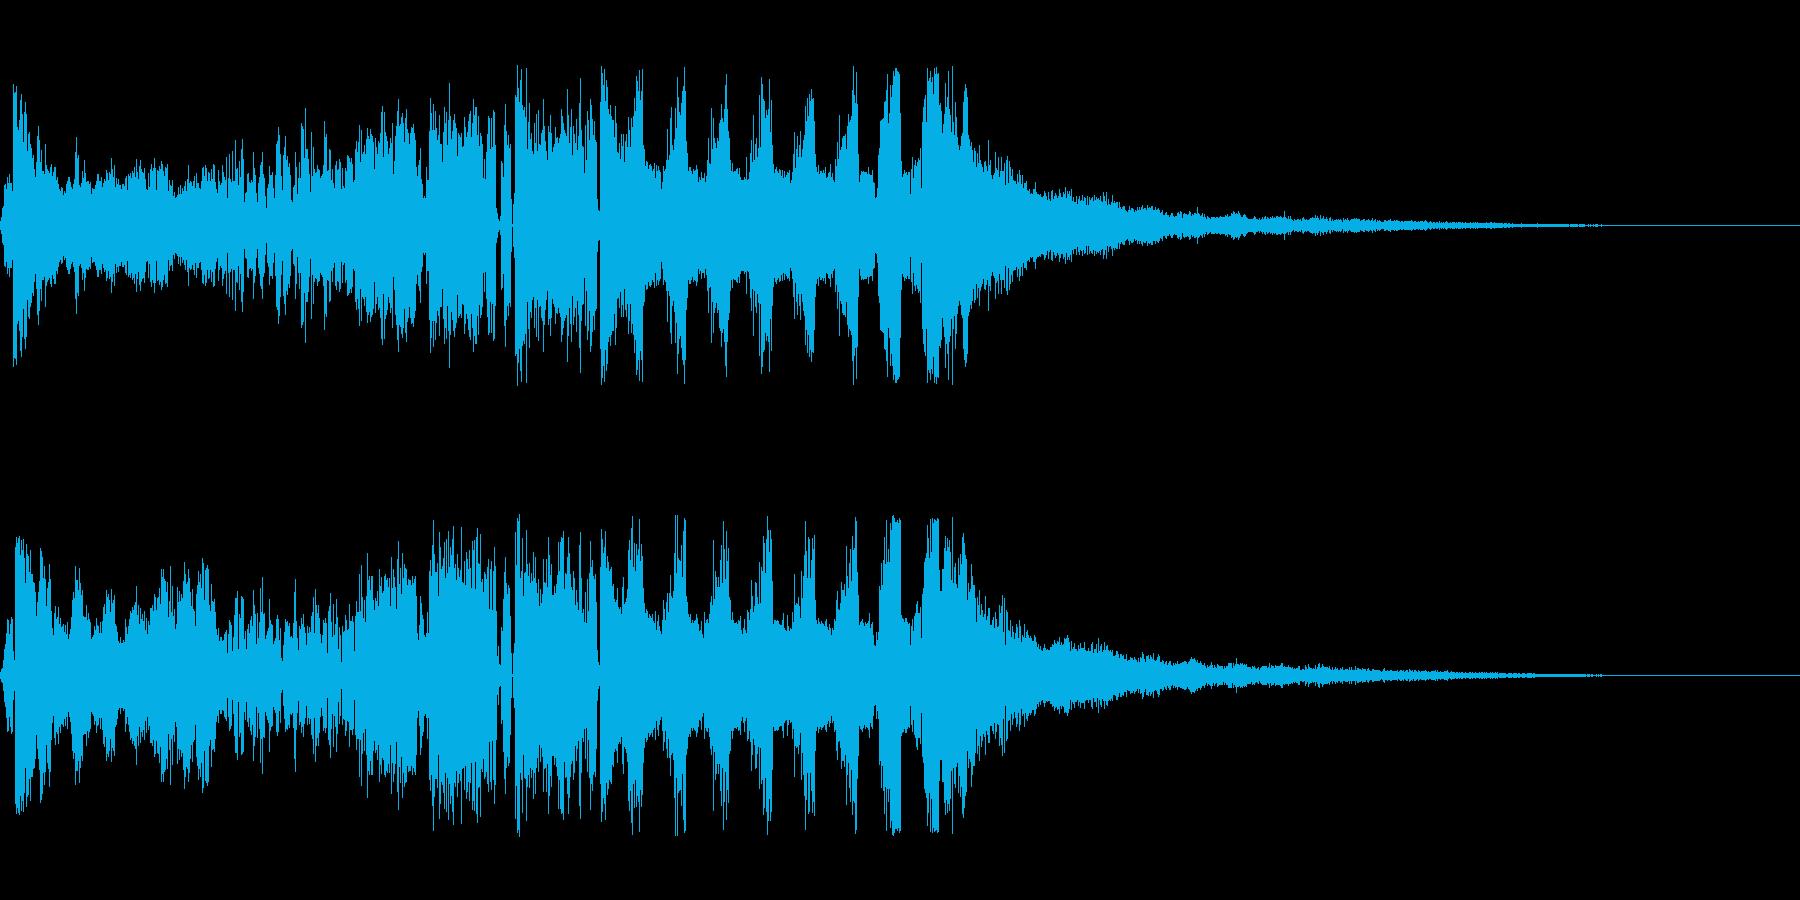 【DJジングル・EDM】オープニングBの再生済みの波形